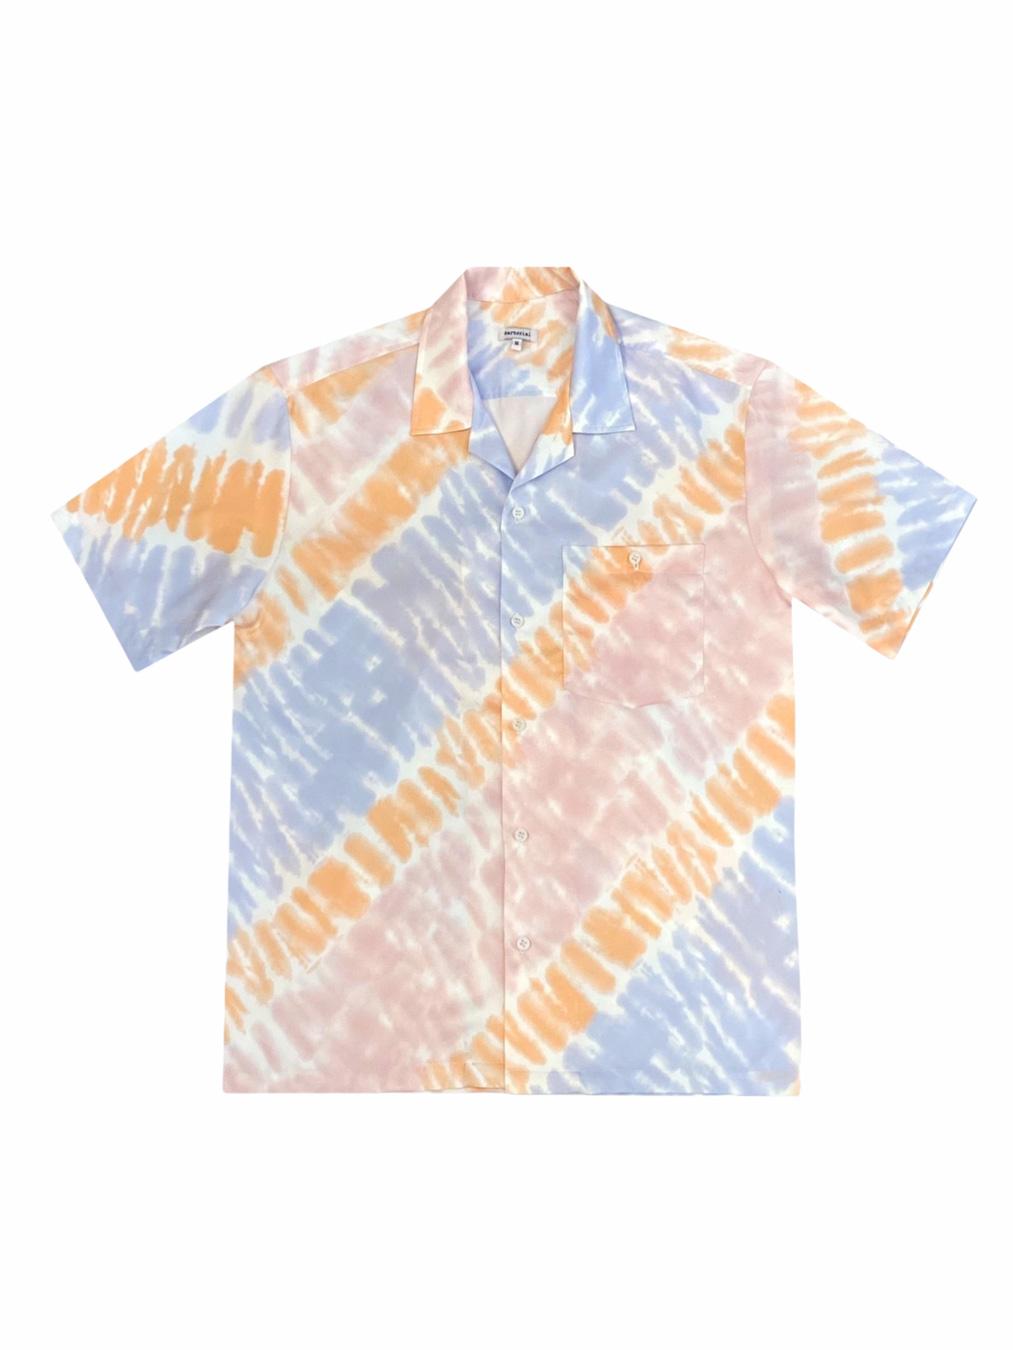 Pyjamas Tie - Dye Shirt (Orange)